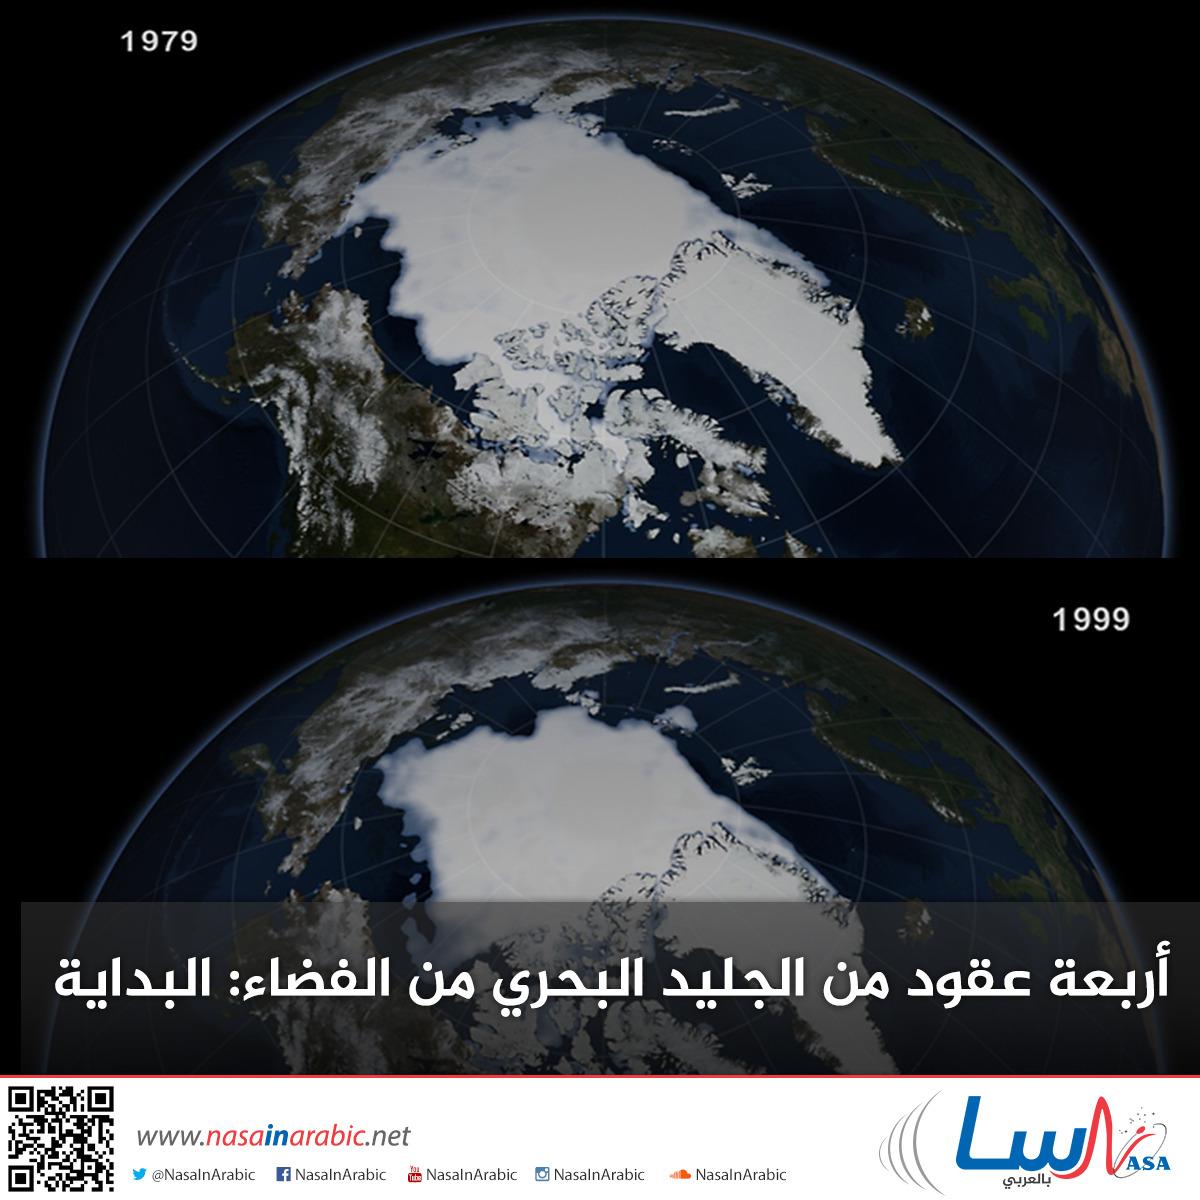 أربعة عقود من الجليد البحري من الفضاء: البداية